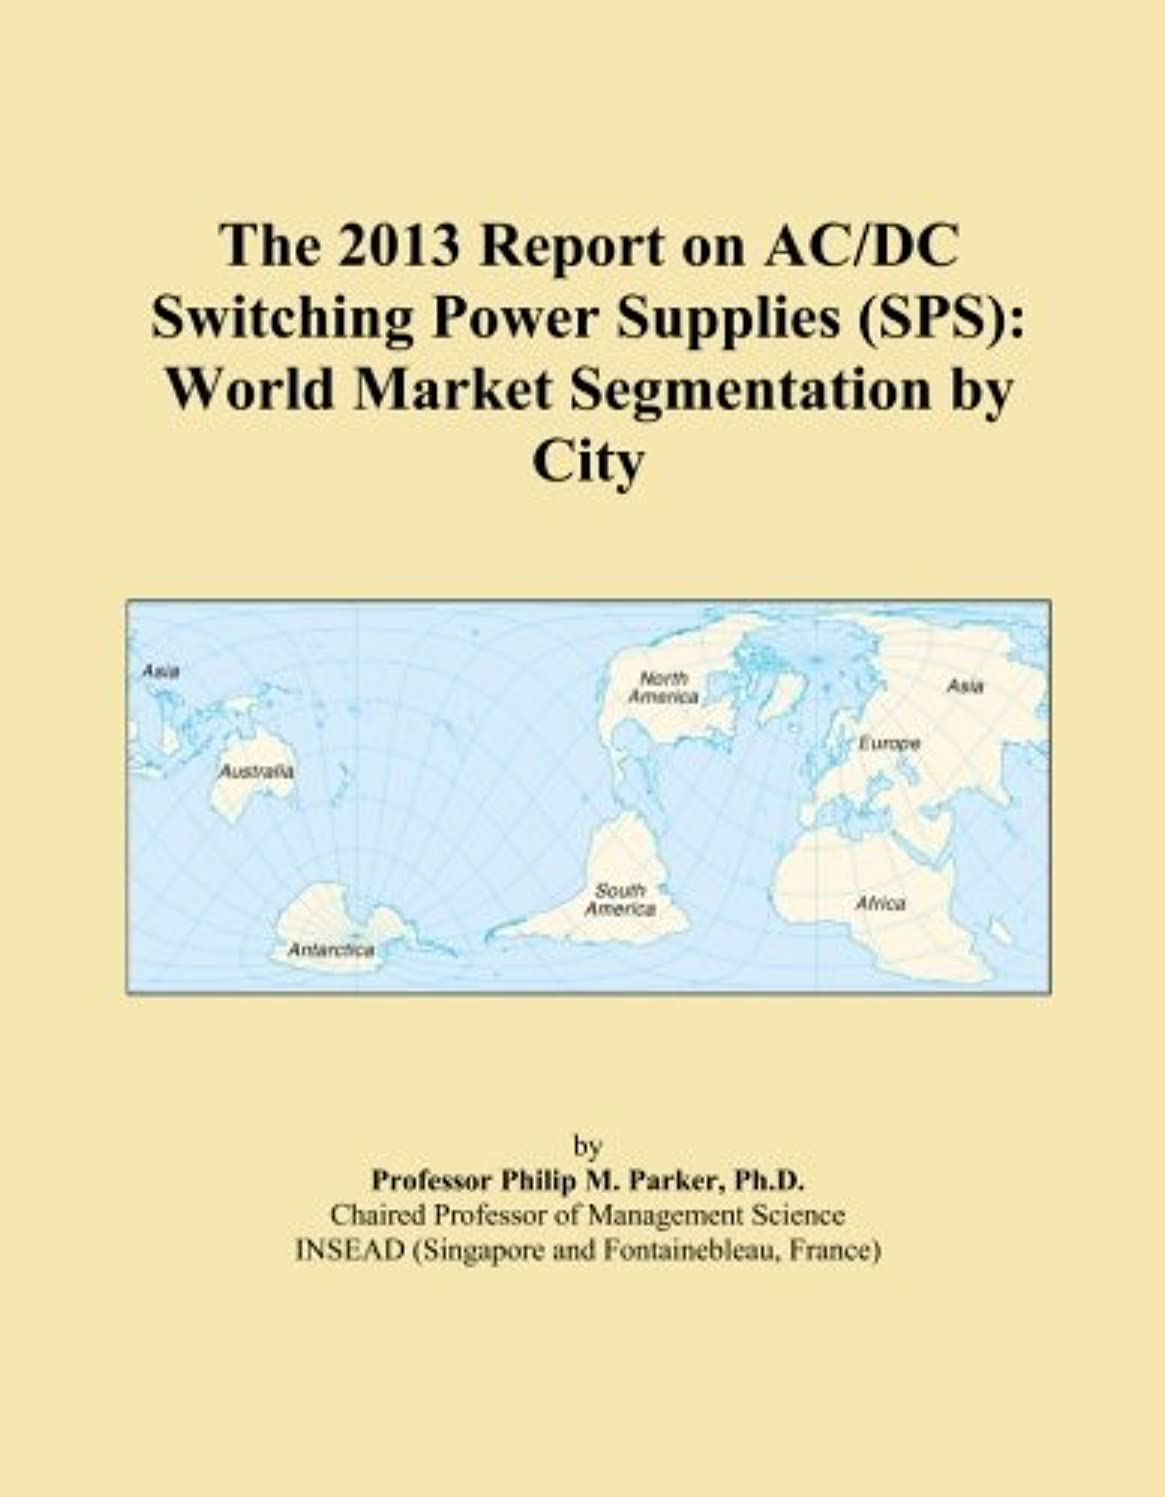 フェミニン暗記する試験The 2013 Report on AC/DC Switching Power Supplies (SPS): World Market Segmentation by City